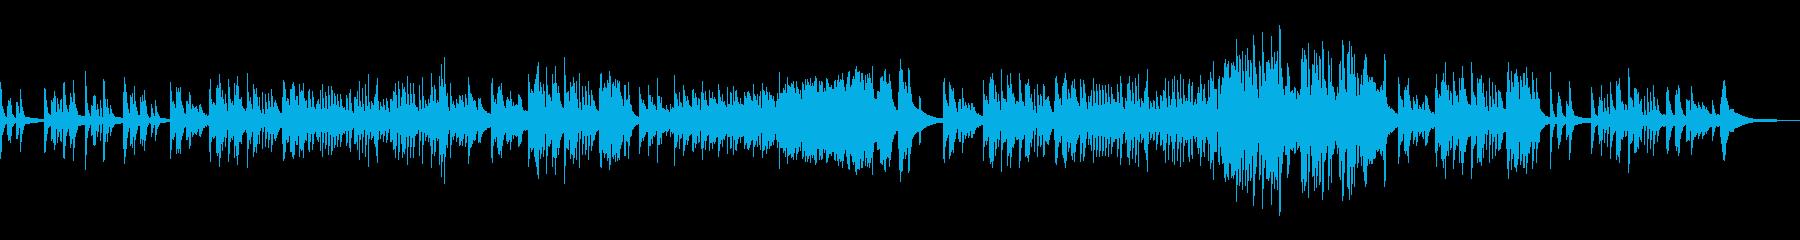 ピアノソロ 三拍子 切ない 優しいの再生済みの波形